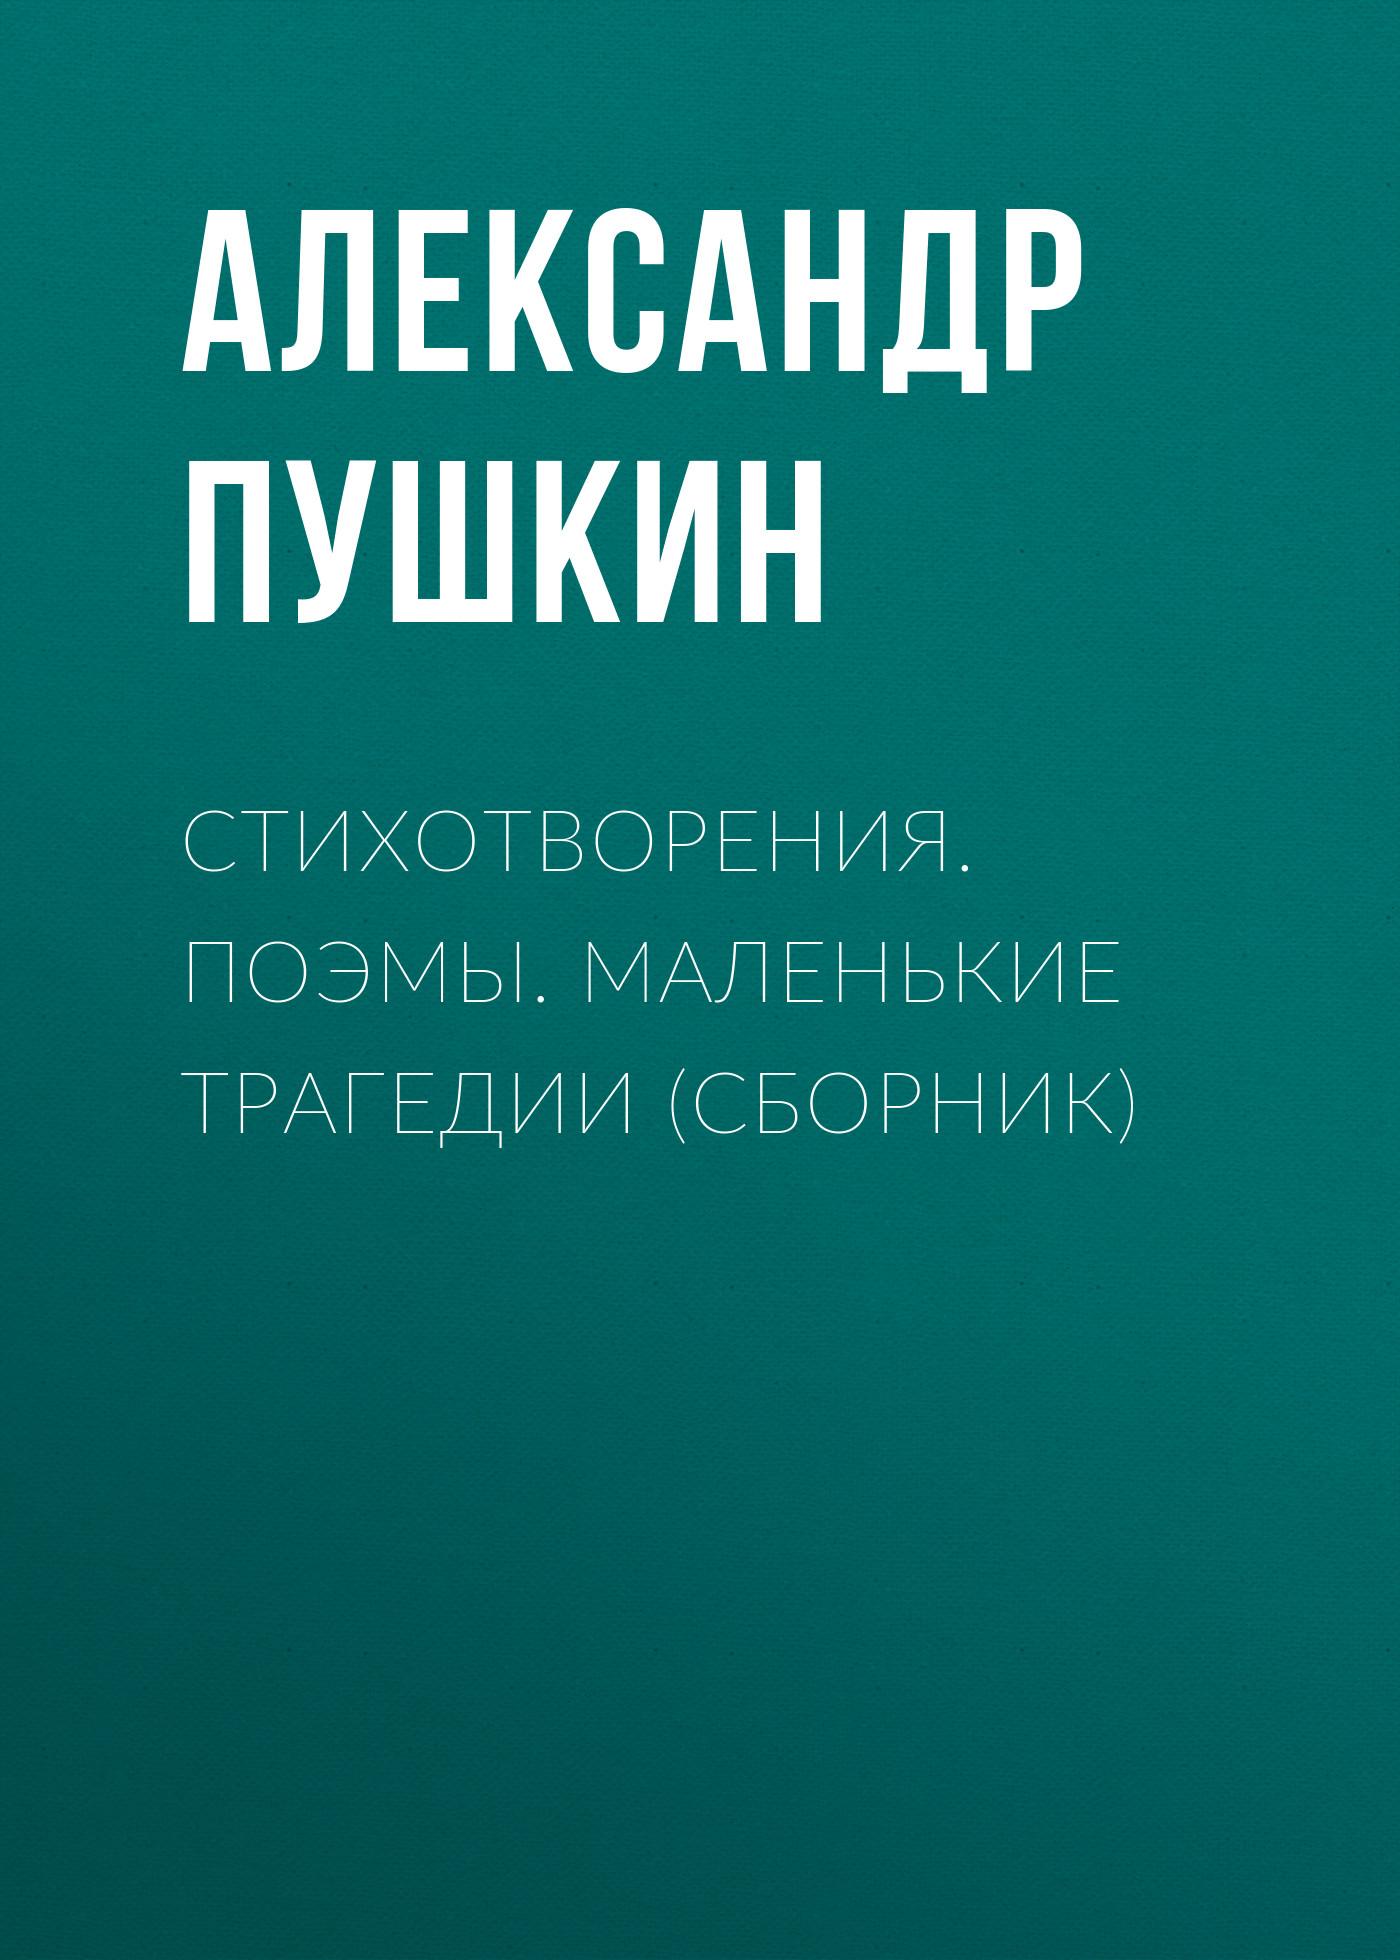 все цены на Александр Пушкин Стихотворения. Поэмы. Маленькие трагедии (сборник) онлайн